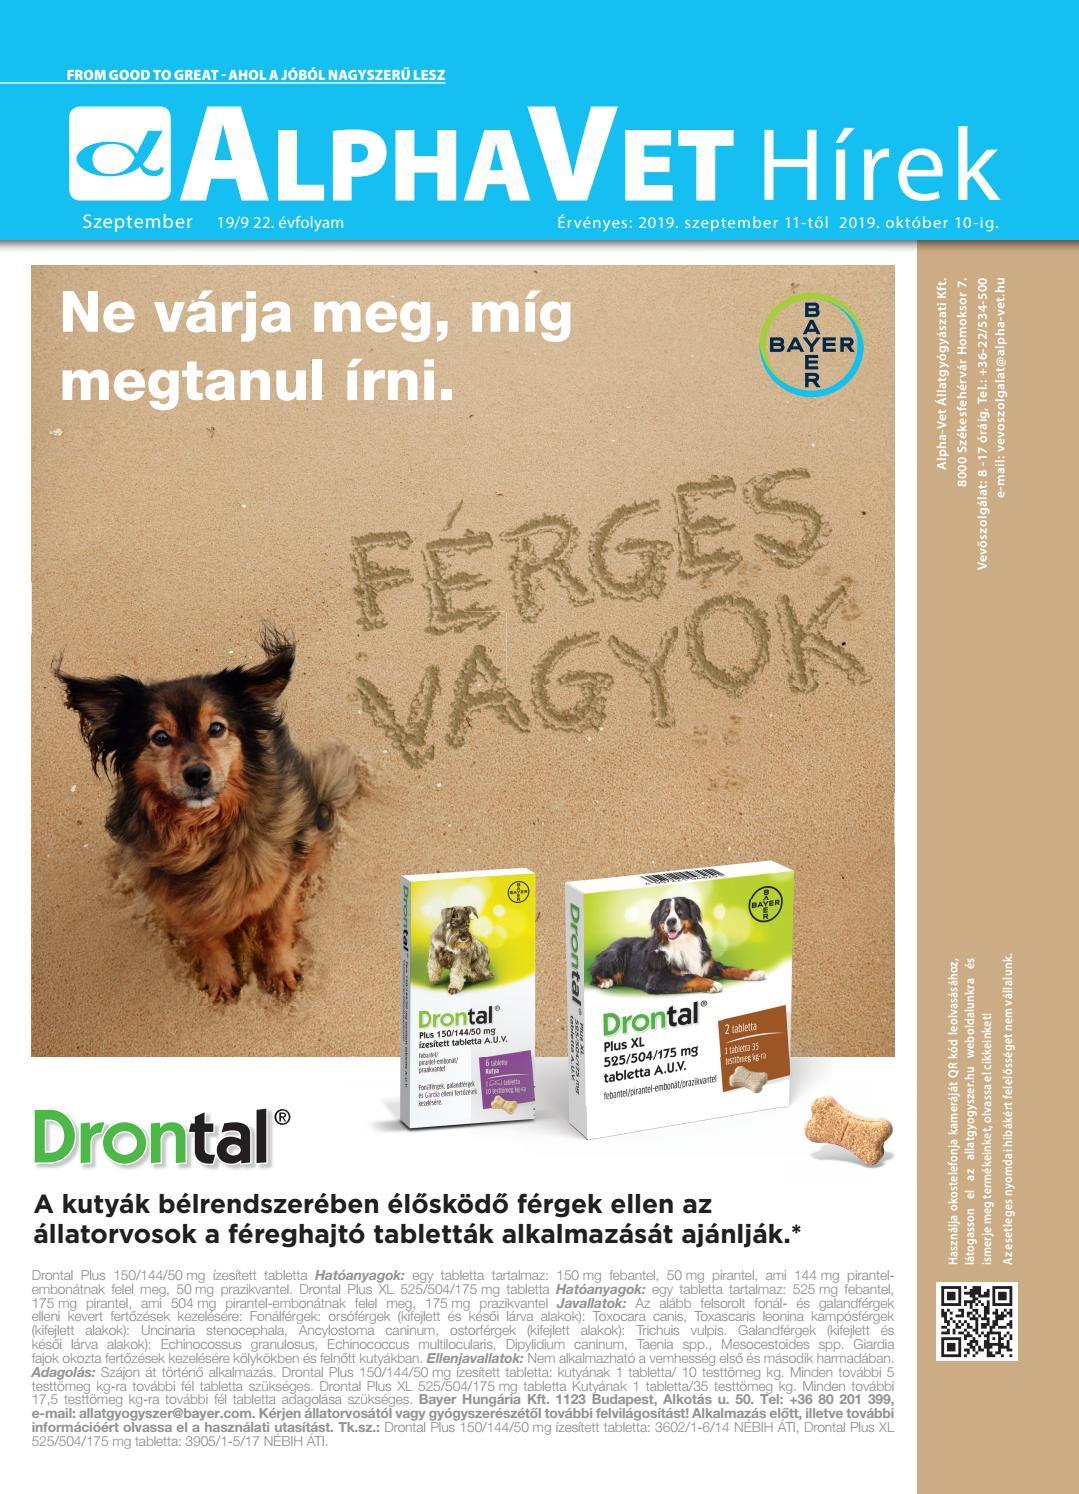 Kisállatorvos - Ezt tegyük, ha a kutyánknál ízületi problémára utaló tünetet észlelünk